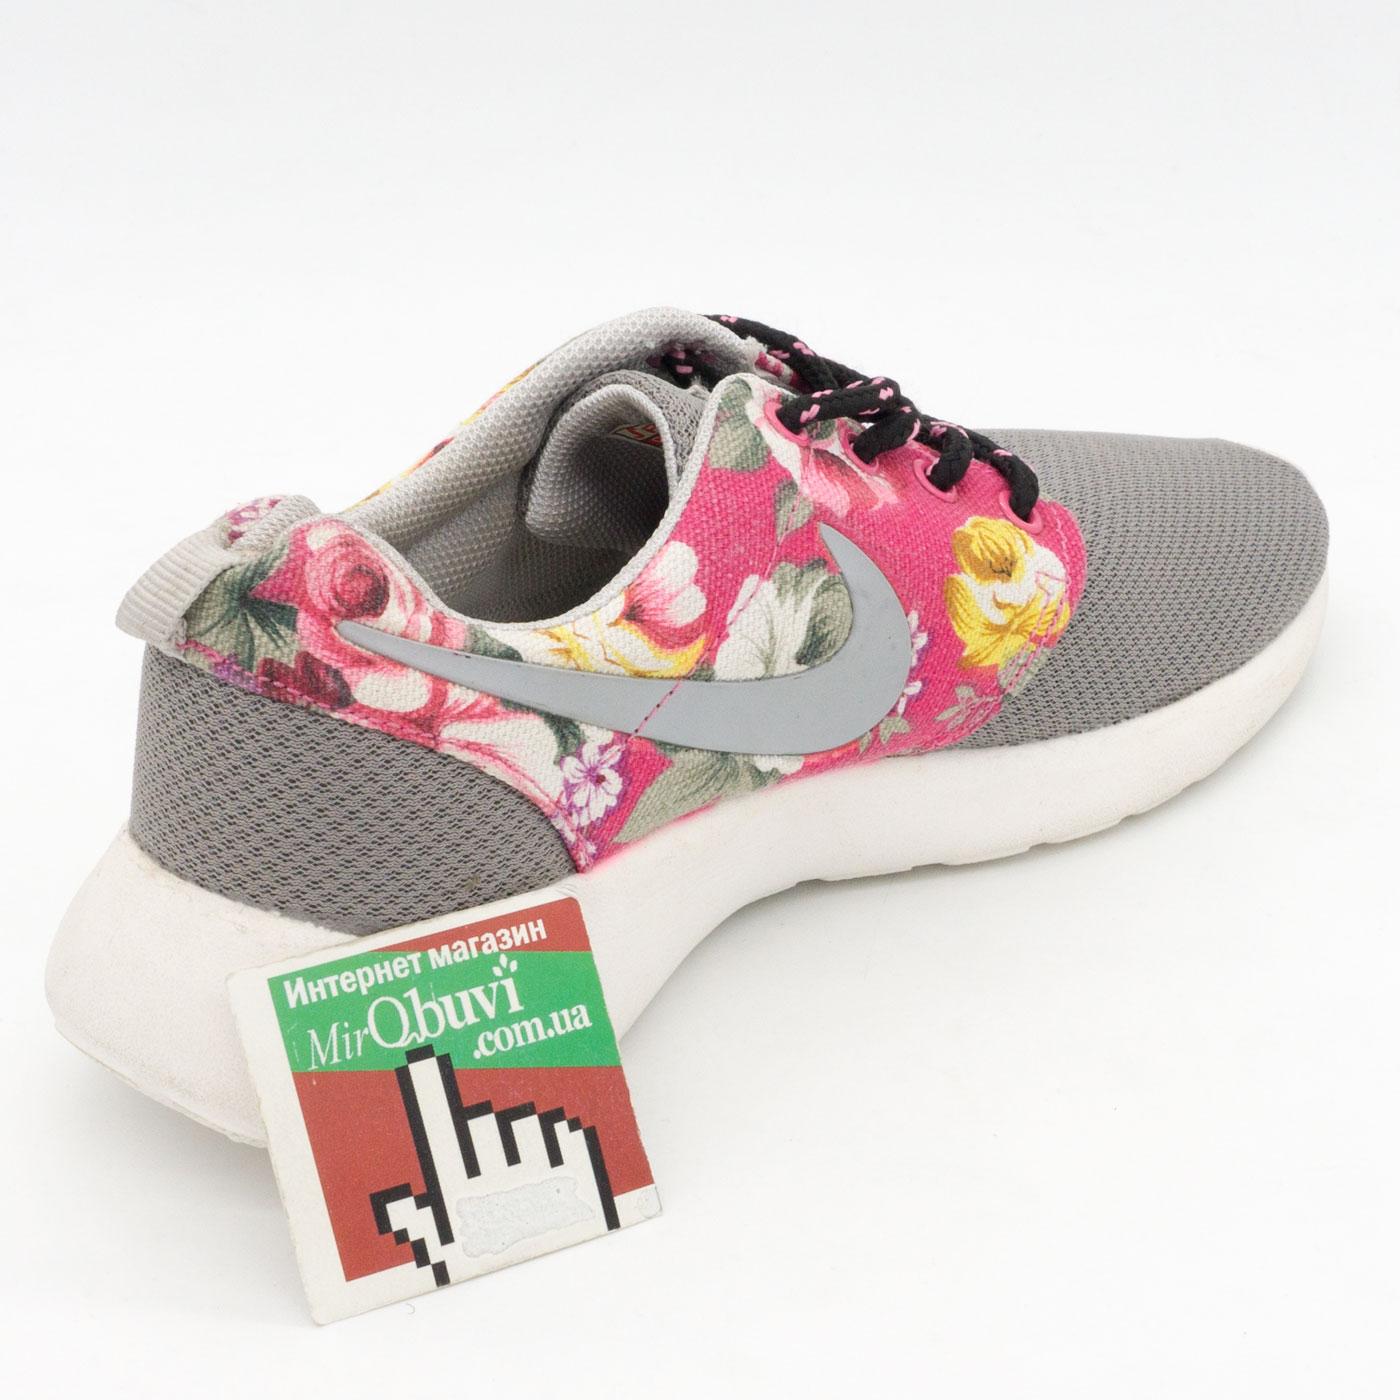 фото back Женские кроссовки Nike Roshe Run серые в цветочек back